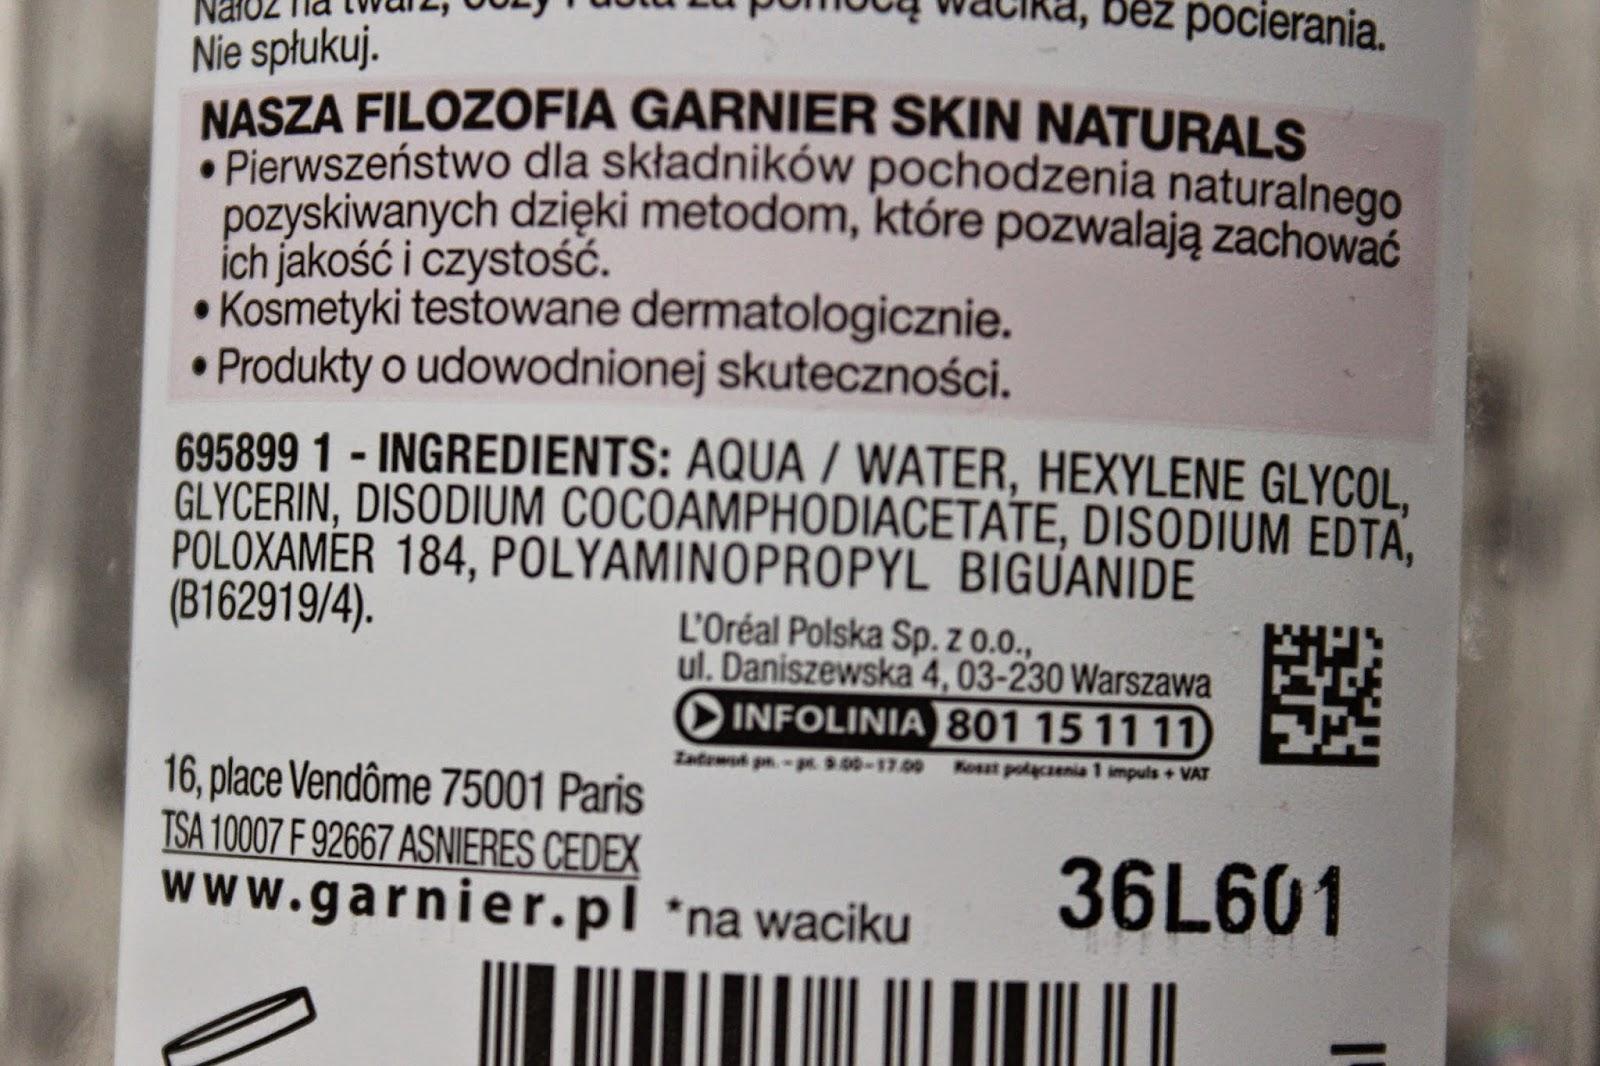 garnier różowy płyn micelarny do skóry wrażliwej opinia recenzja skóra trądzikowagarnier różowy płyn micelarny do skóry wrażliwej opinia recenzja skóra trądzikowa 2